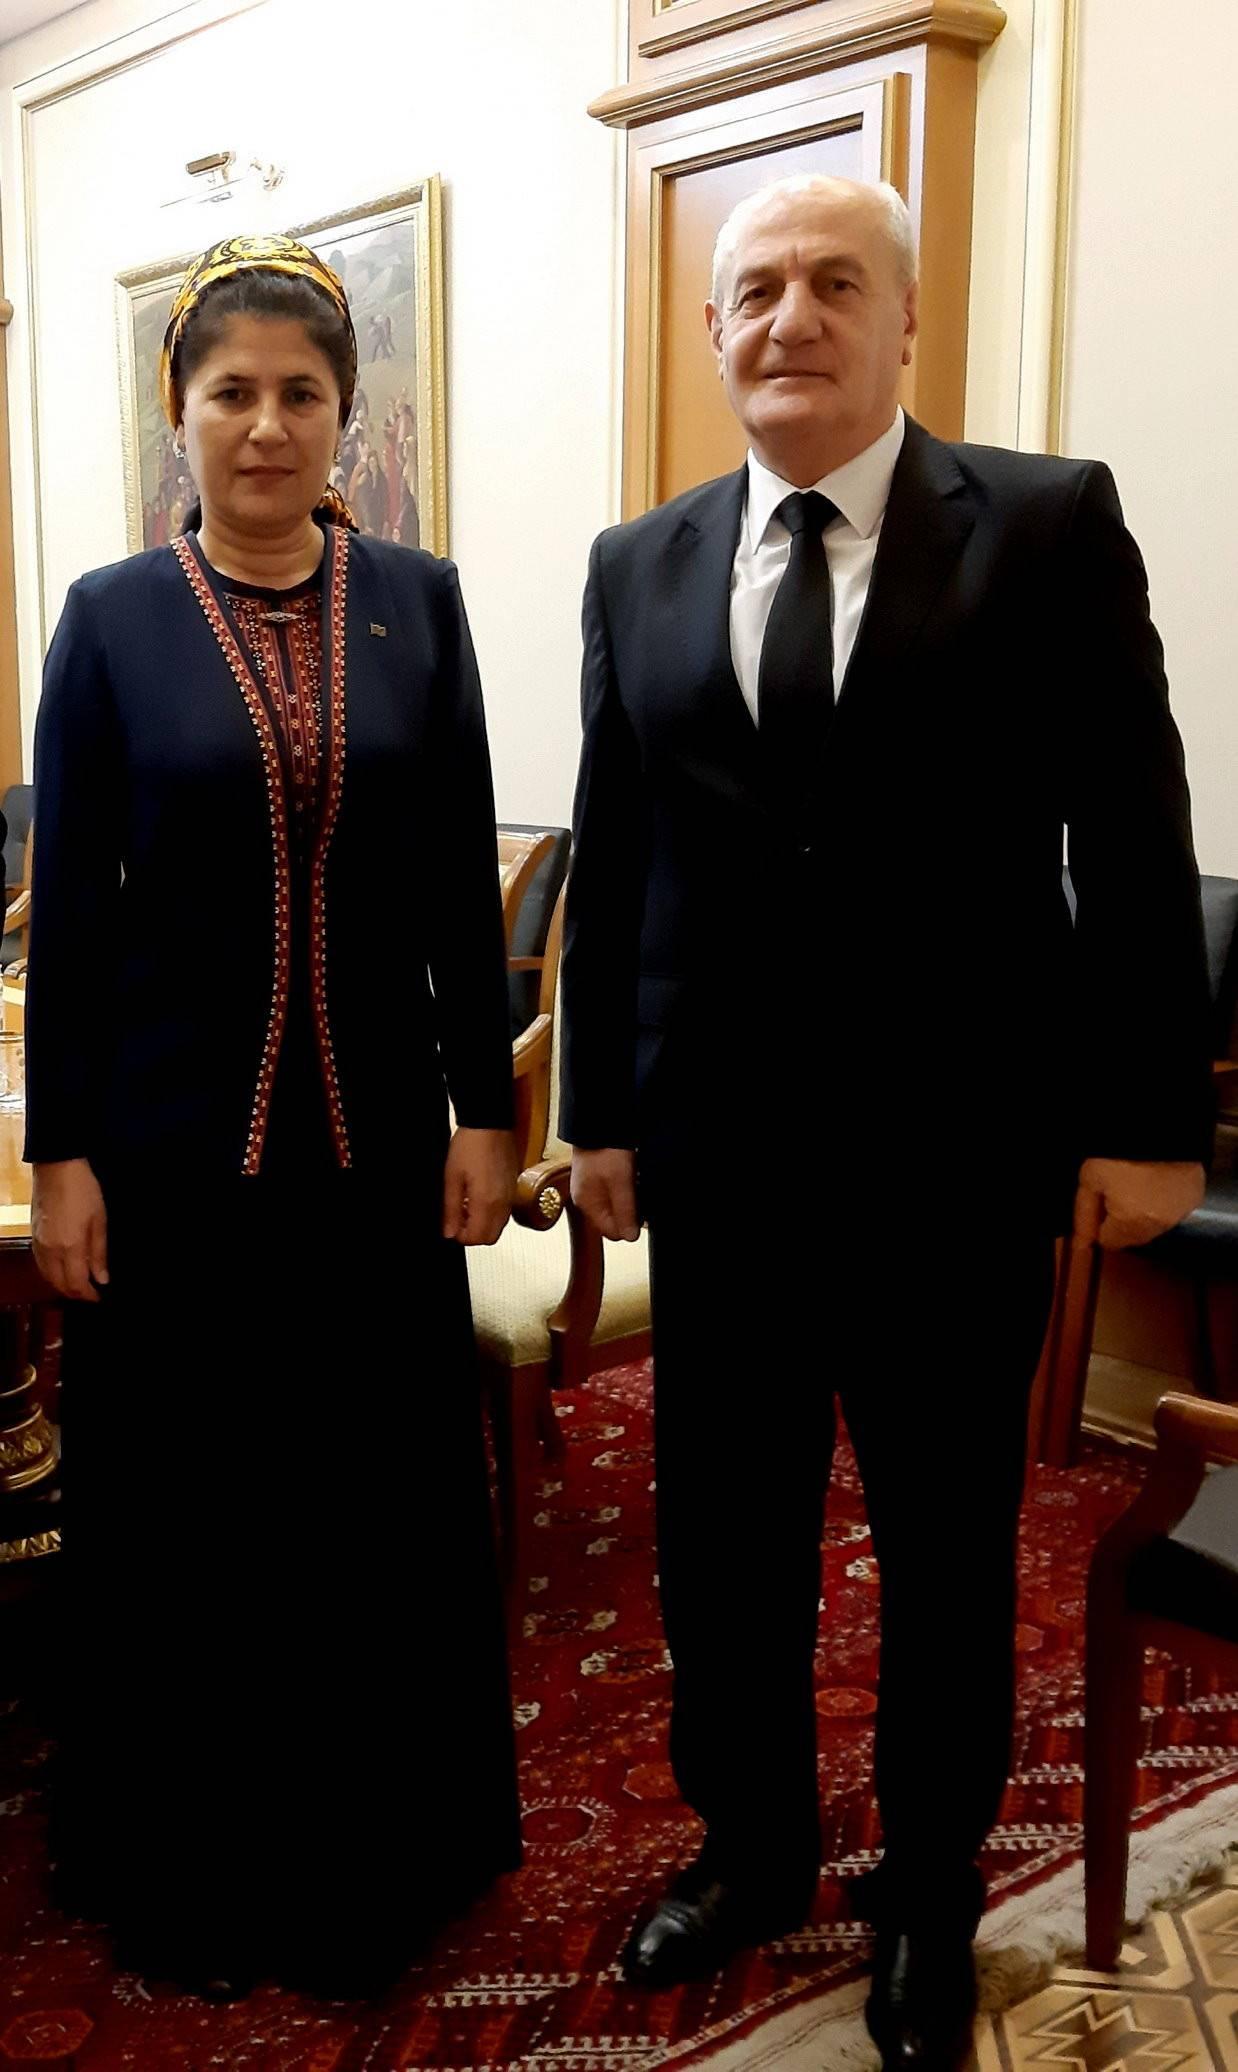 Դեսպան Գ․ Բադալյանի հանդիպումը փոխվարչապետ Բ․ Աբդիևայի հետ